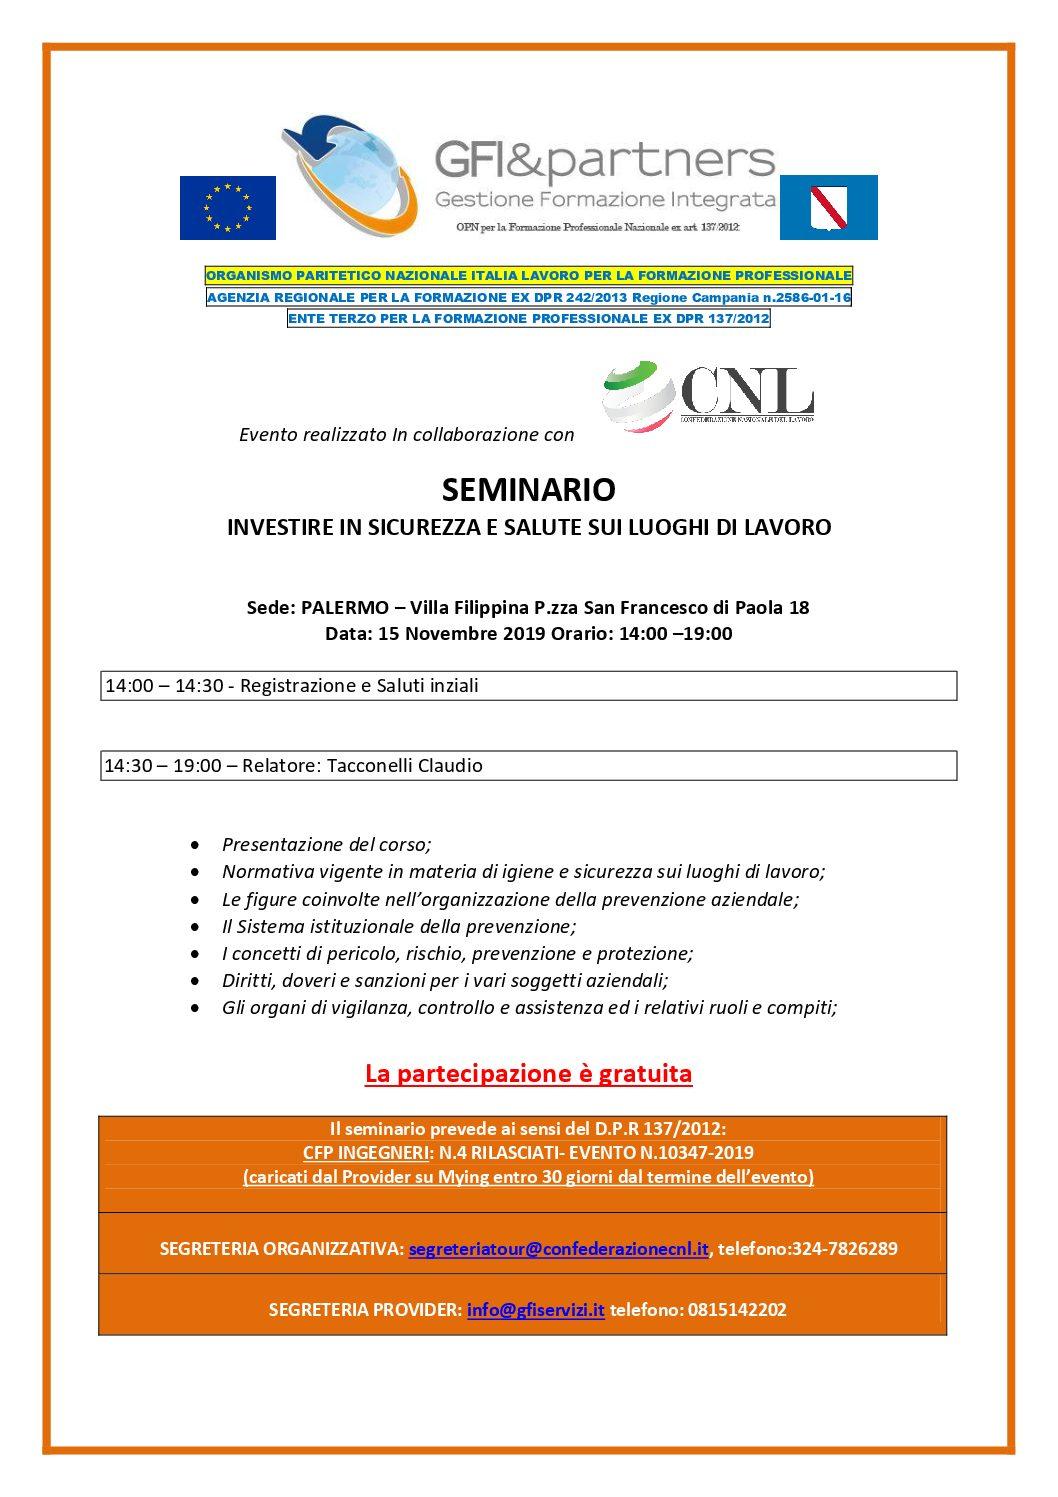 INVESTIRE IN SALUTE E SICUREZZA SUL LAVORO- Seminario gratuito con rilascio CFP per INGEGNERI- Palermo